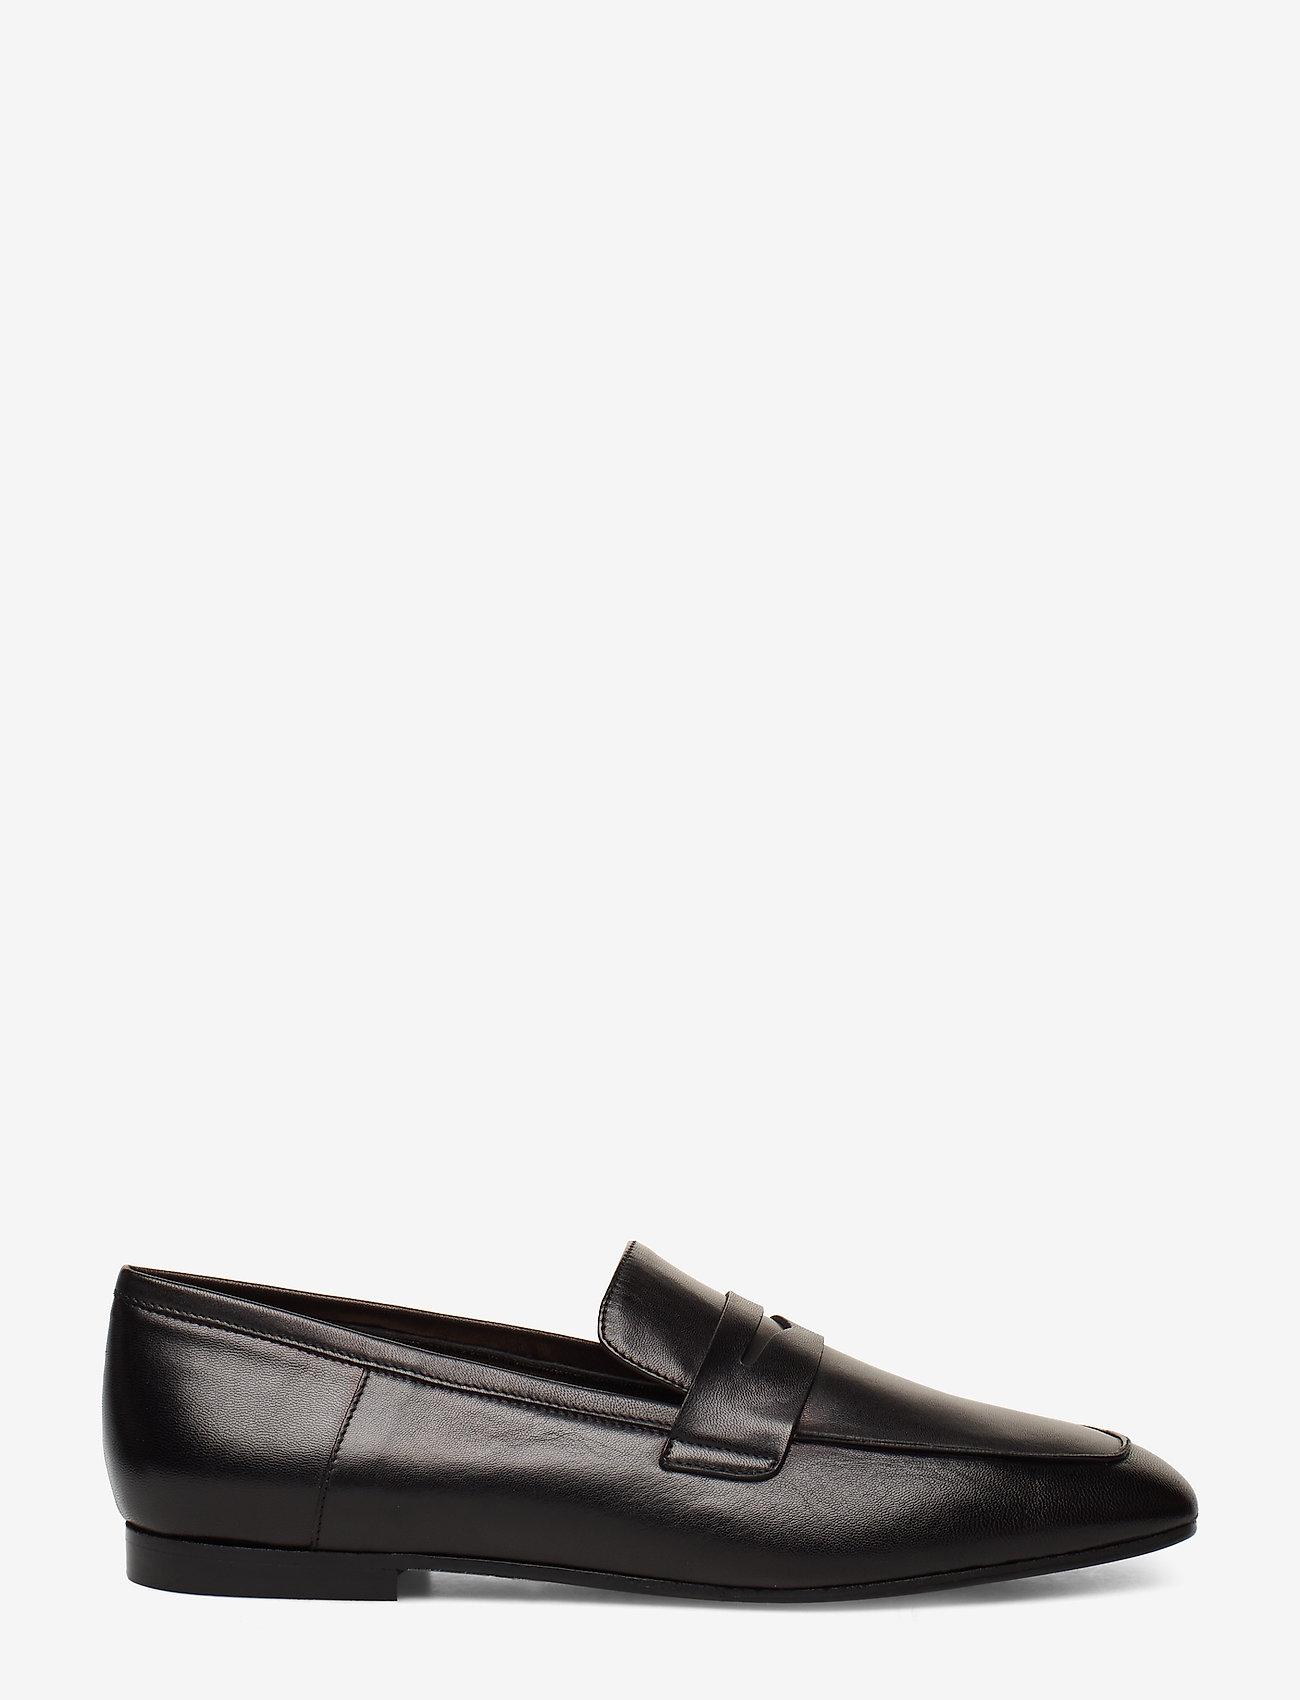 Lorraine (Black Leather) (115 €) - NOTABENE 3ageX